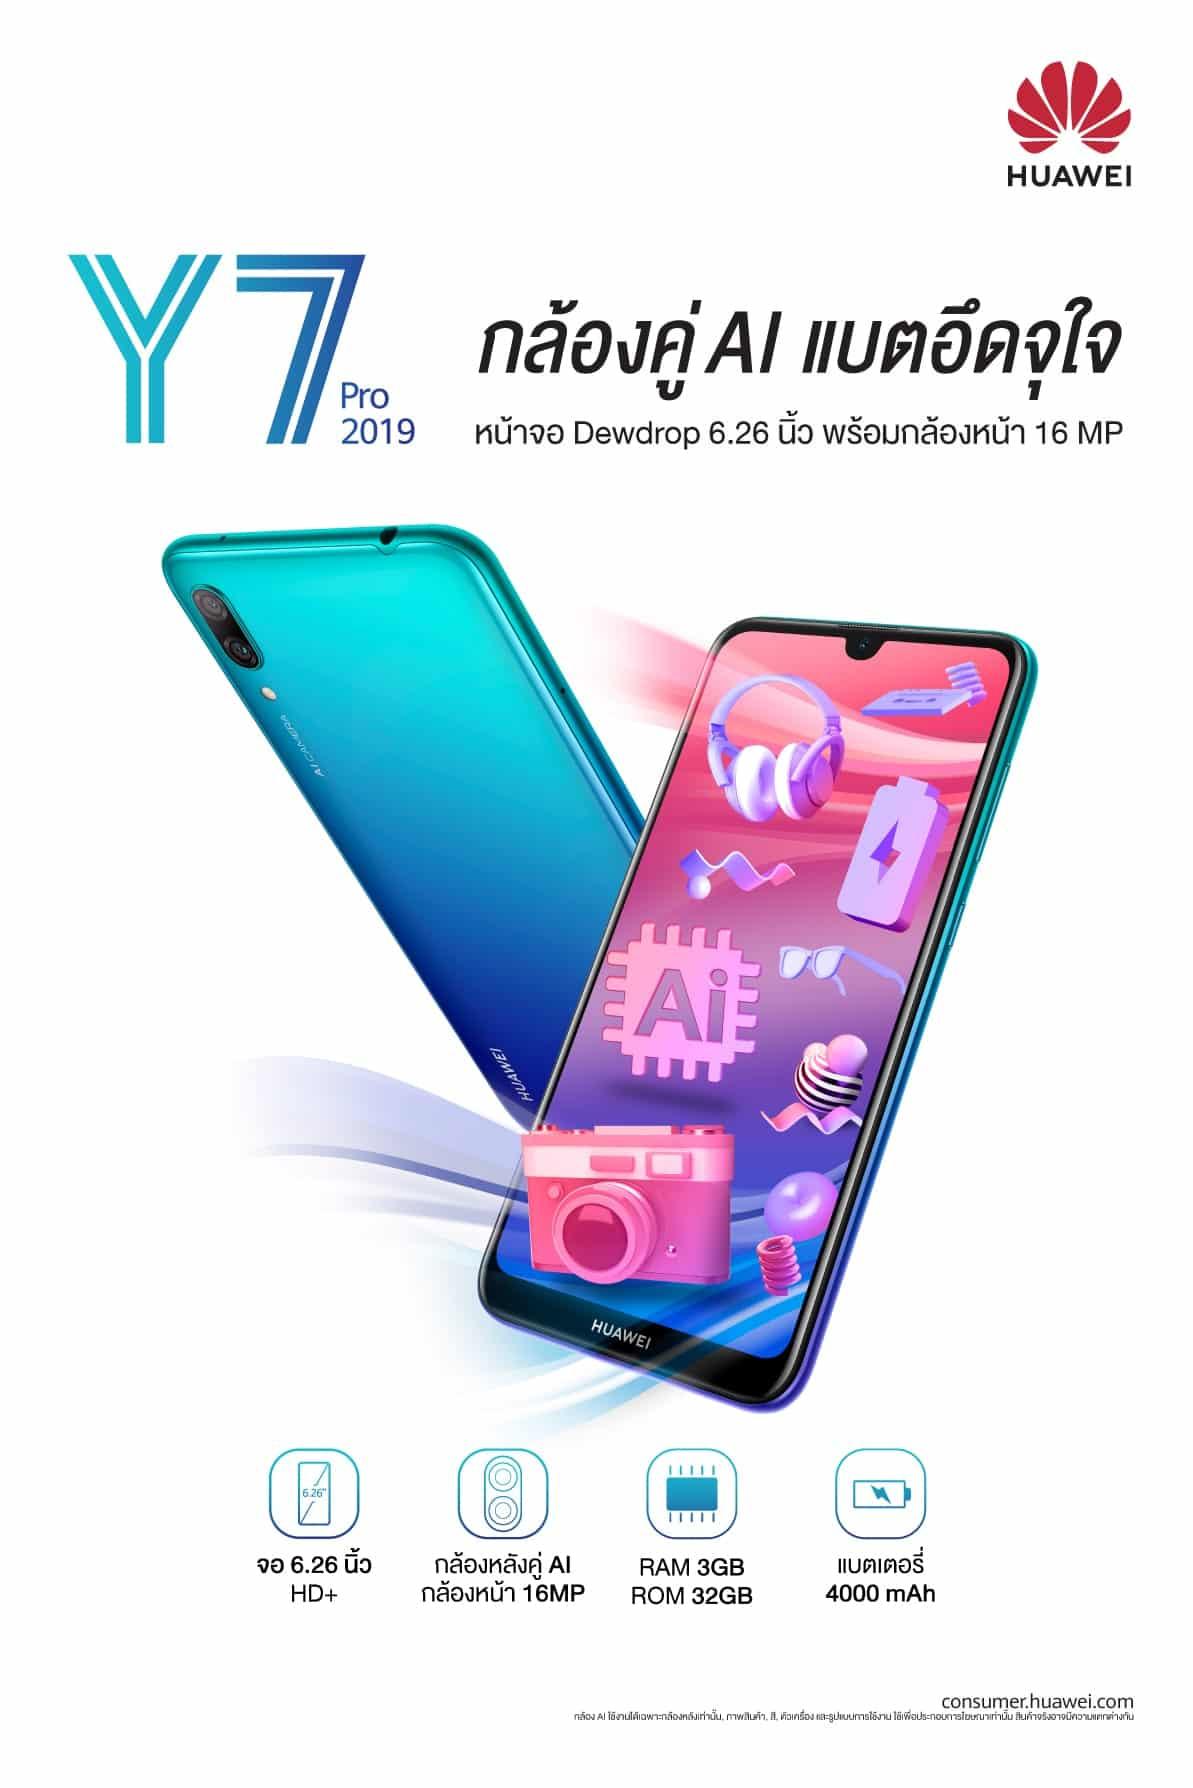 HUAWEI Y7 Pro 2019 KV 2 - เปิดตัว HUAWEI Y7 Pro 2019 ราคา 4,990 บาท